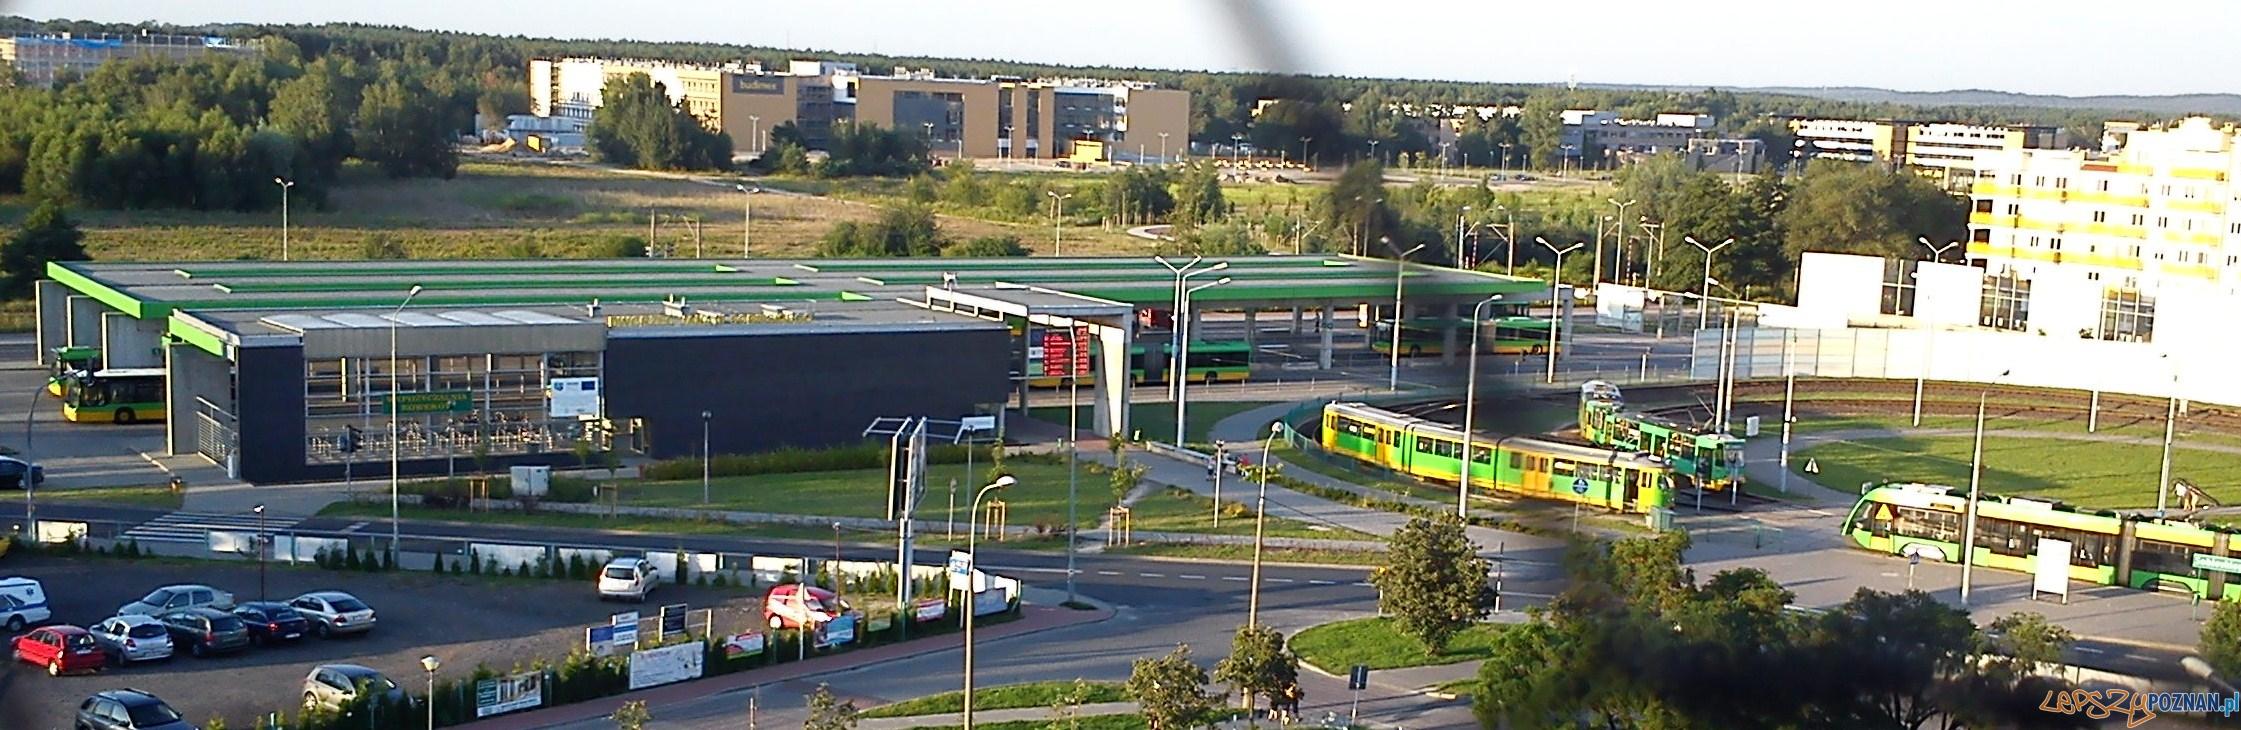 Dworzec autobusowy na Osiedlu Sobieskiego panorama  Foto: CC/wikipedia